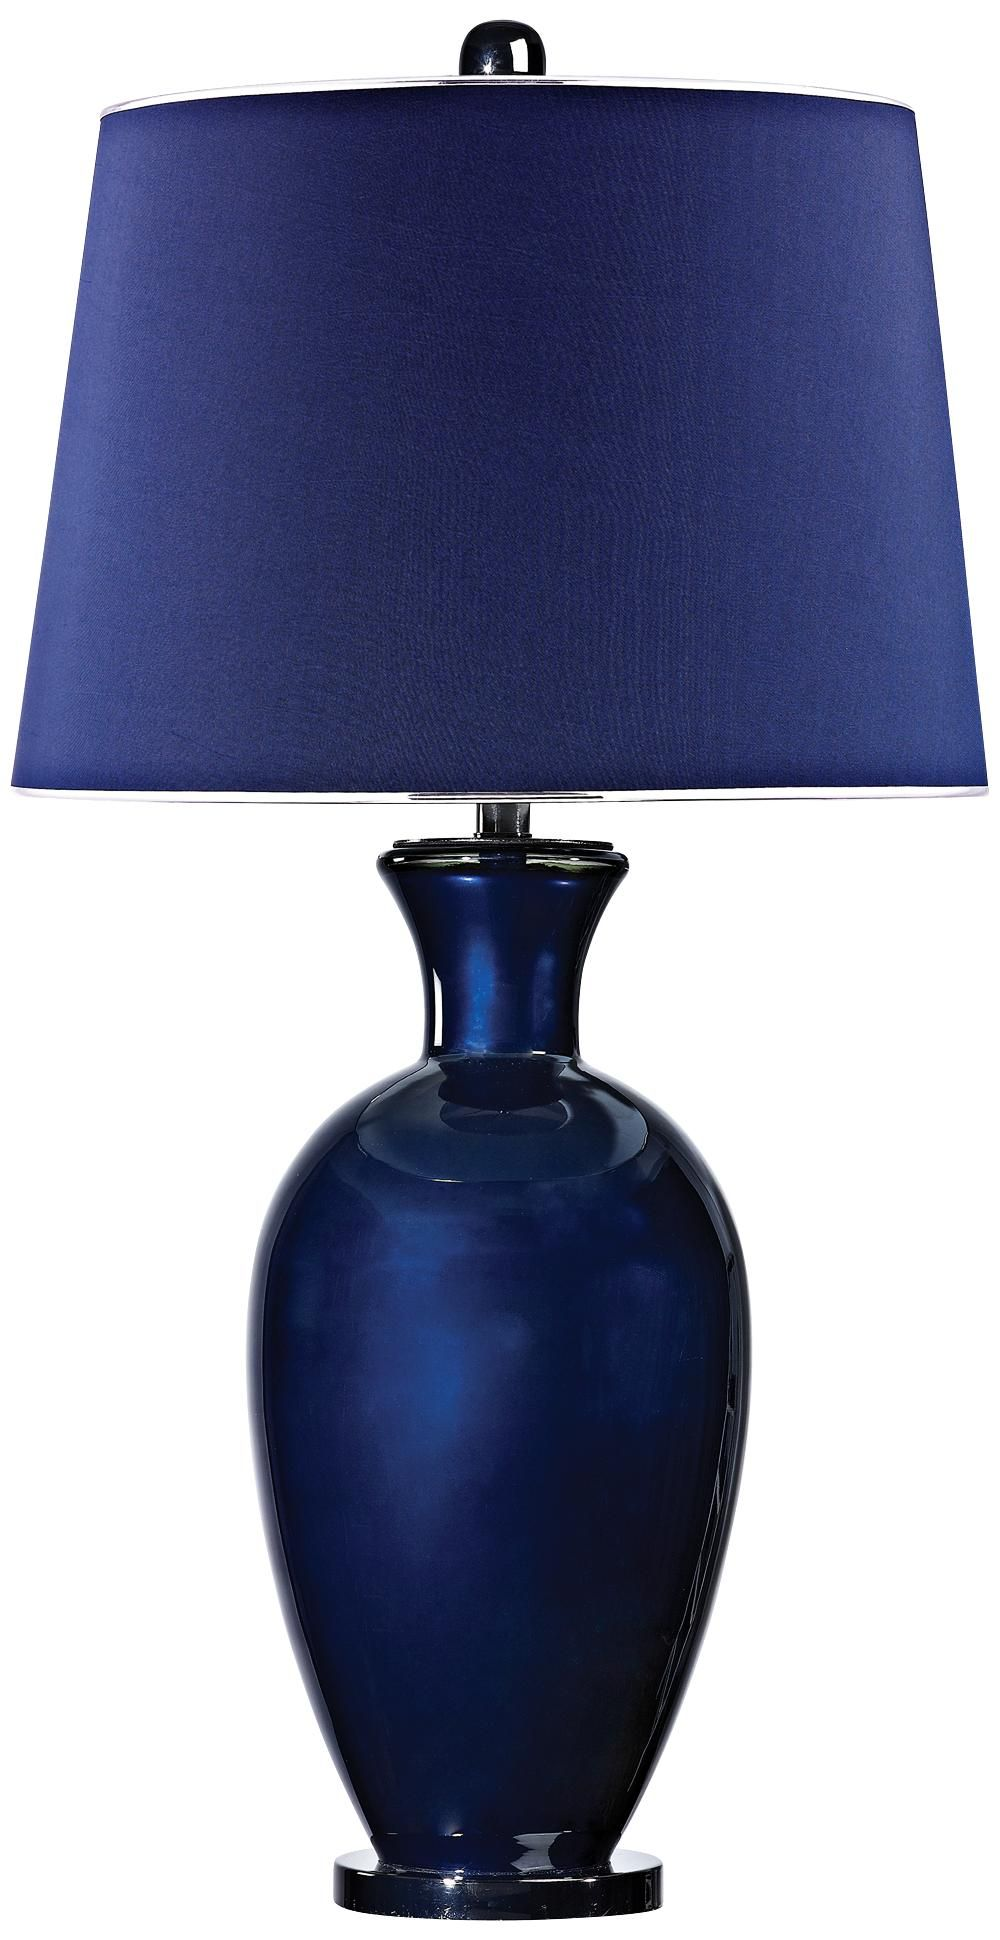 Dimond Helensburugh Navy Glass Table Lamp Basement Bedroom 1